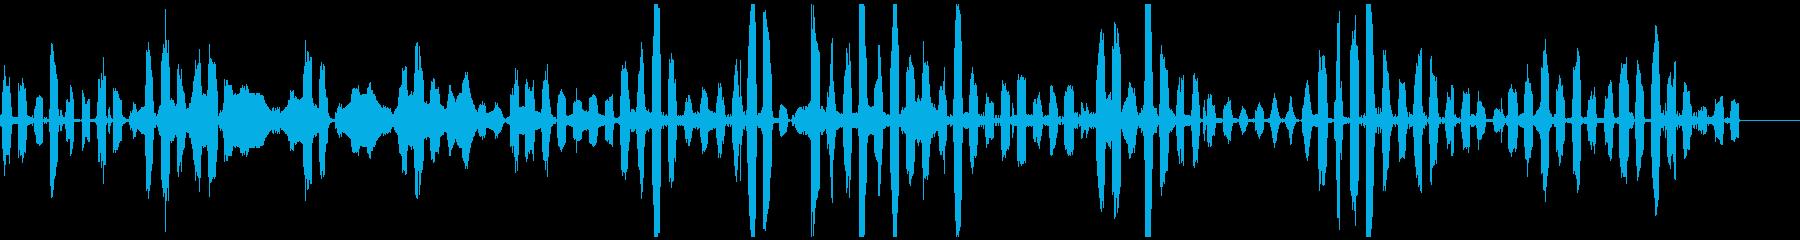 モンスター 妖精 足音 低音 ぶおんの再生済みの波形